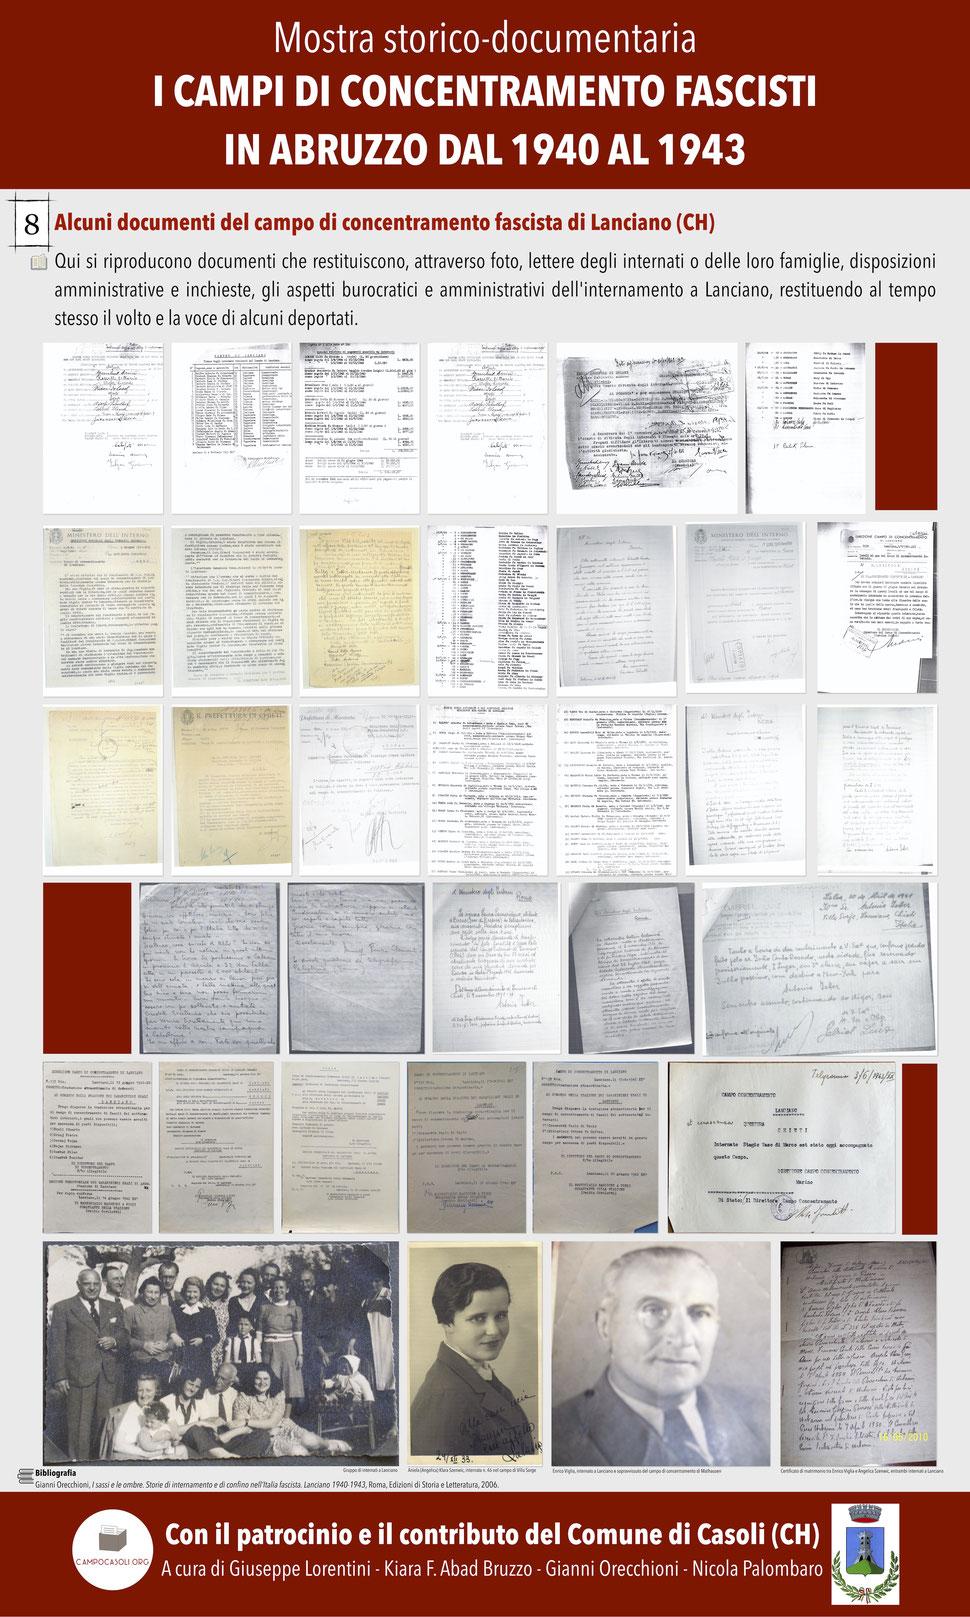 8. Alcuni documenti del campo di concentramento fascista di Lanciano (CH)